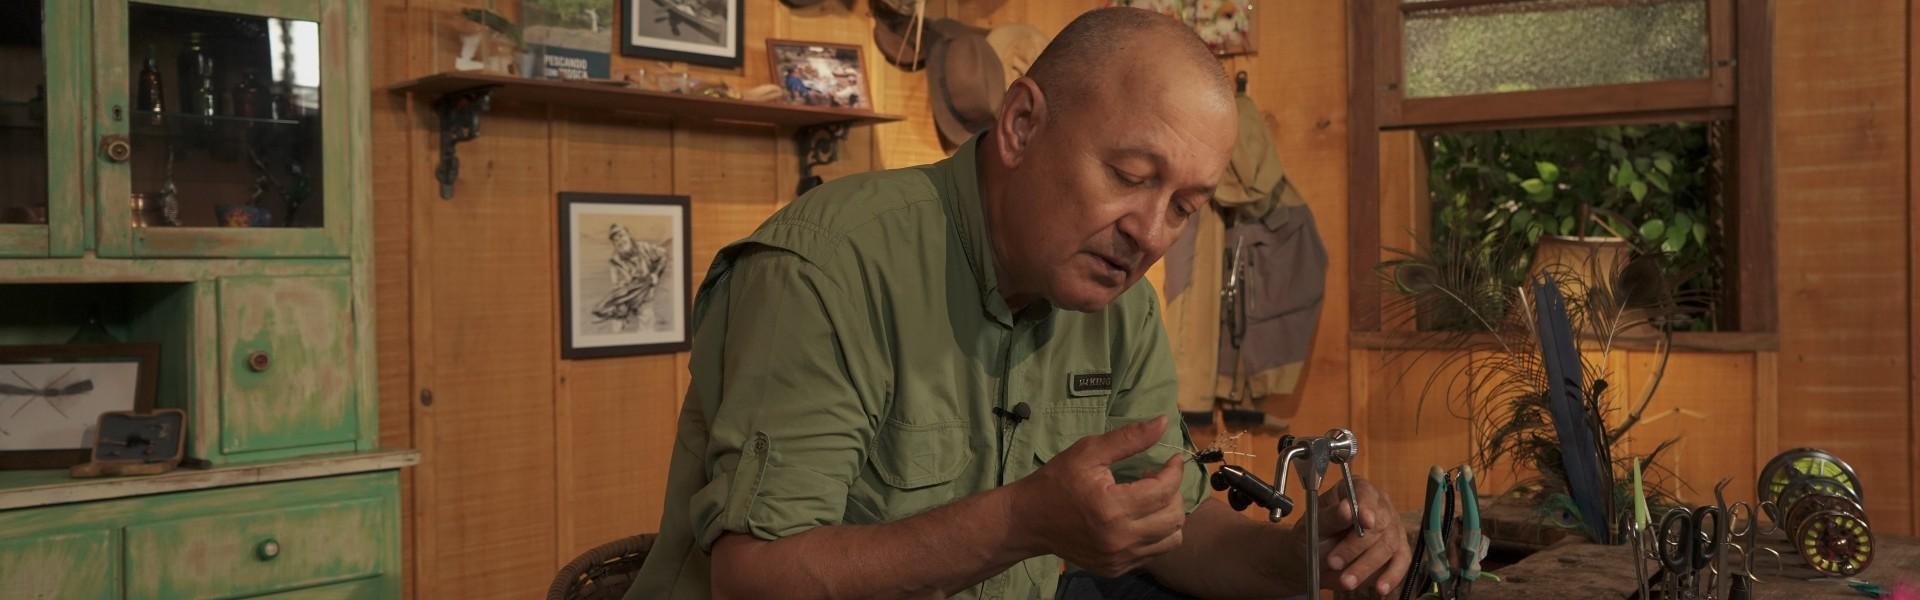 Betinho Oliveira atando a ninfa stonefly